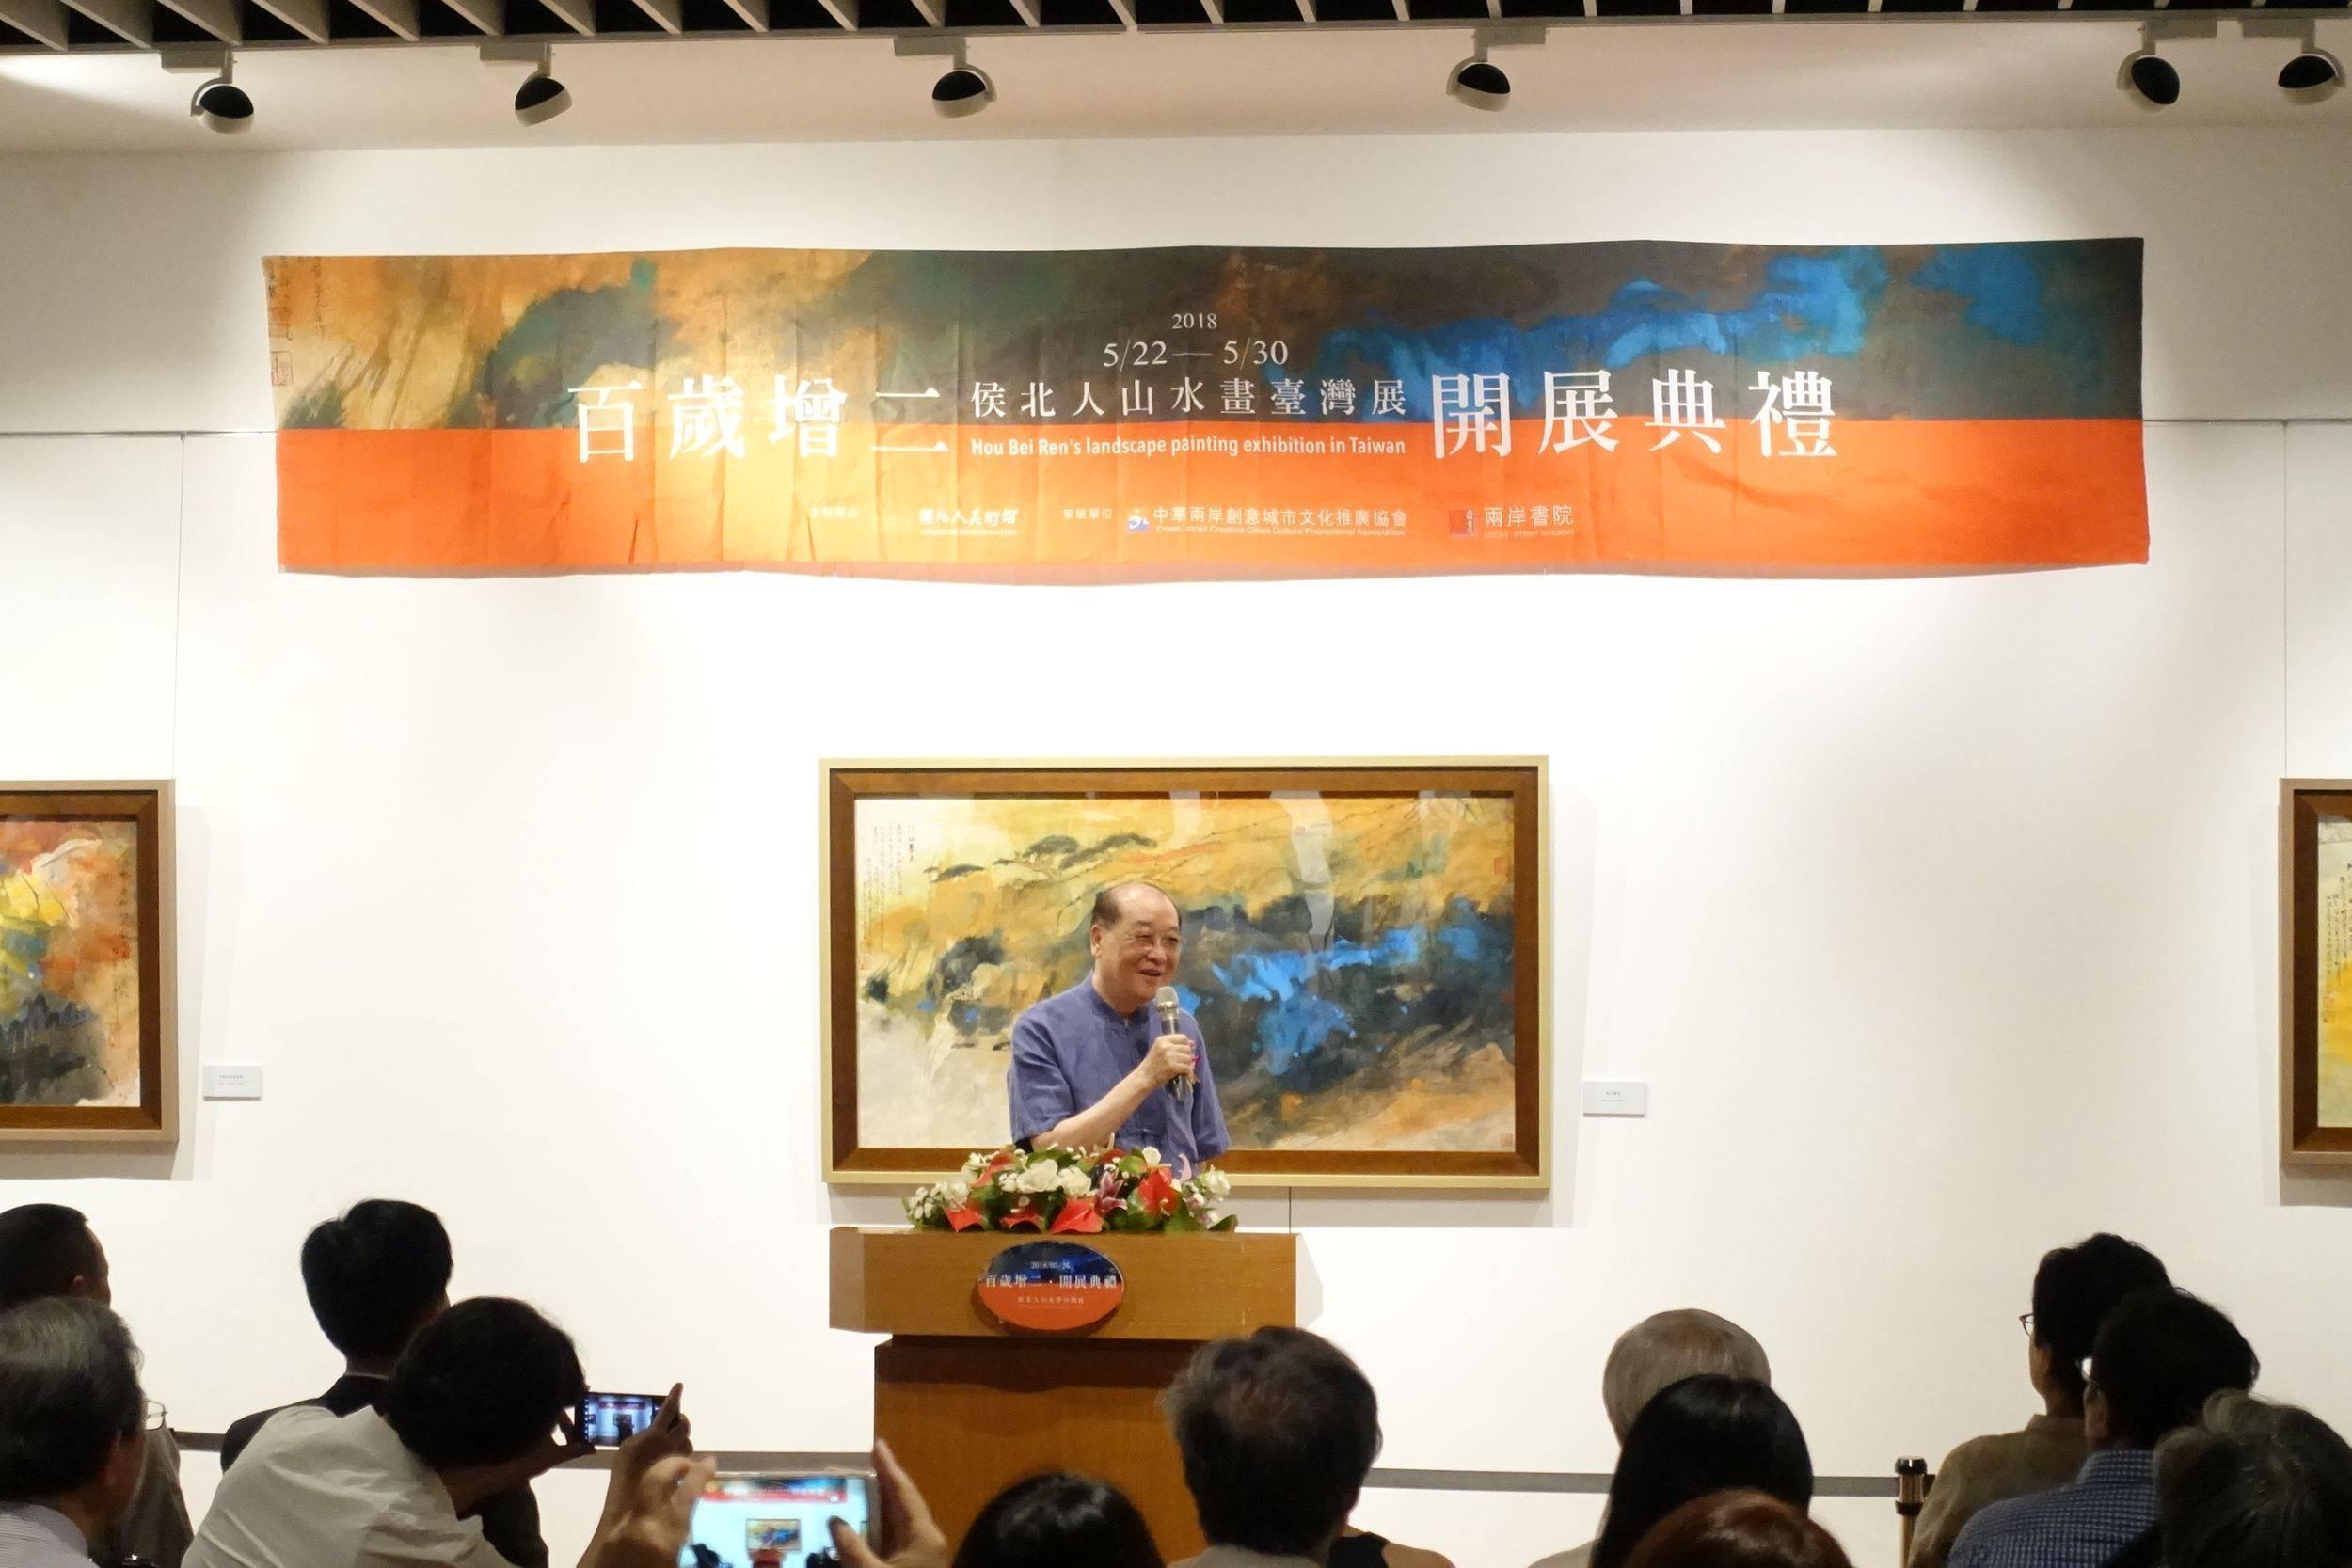 前文化部部長洪孟啟先生致詞